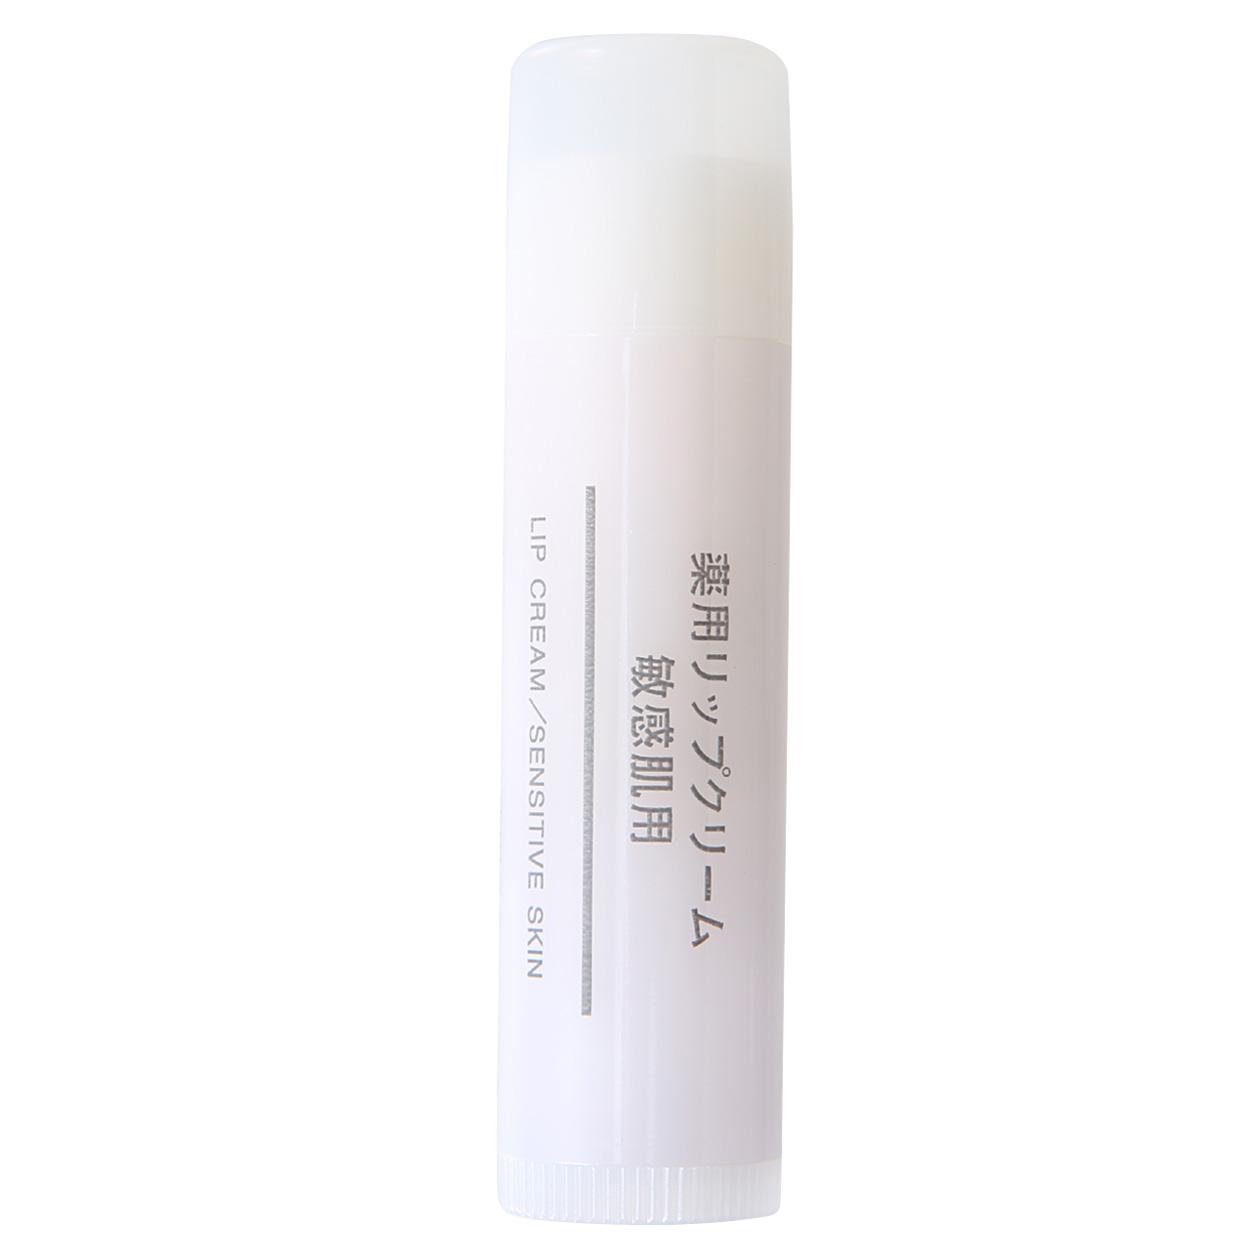 薬用リップクリーム・敏感肌用 5.3g